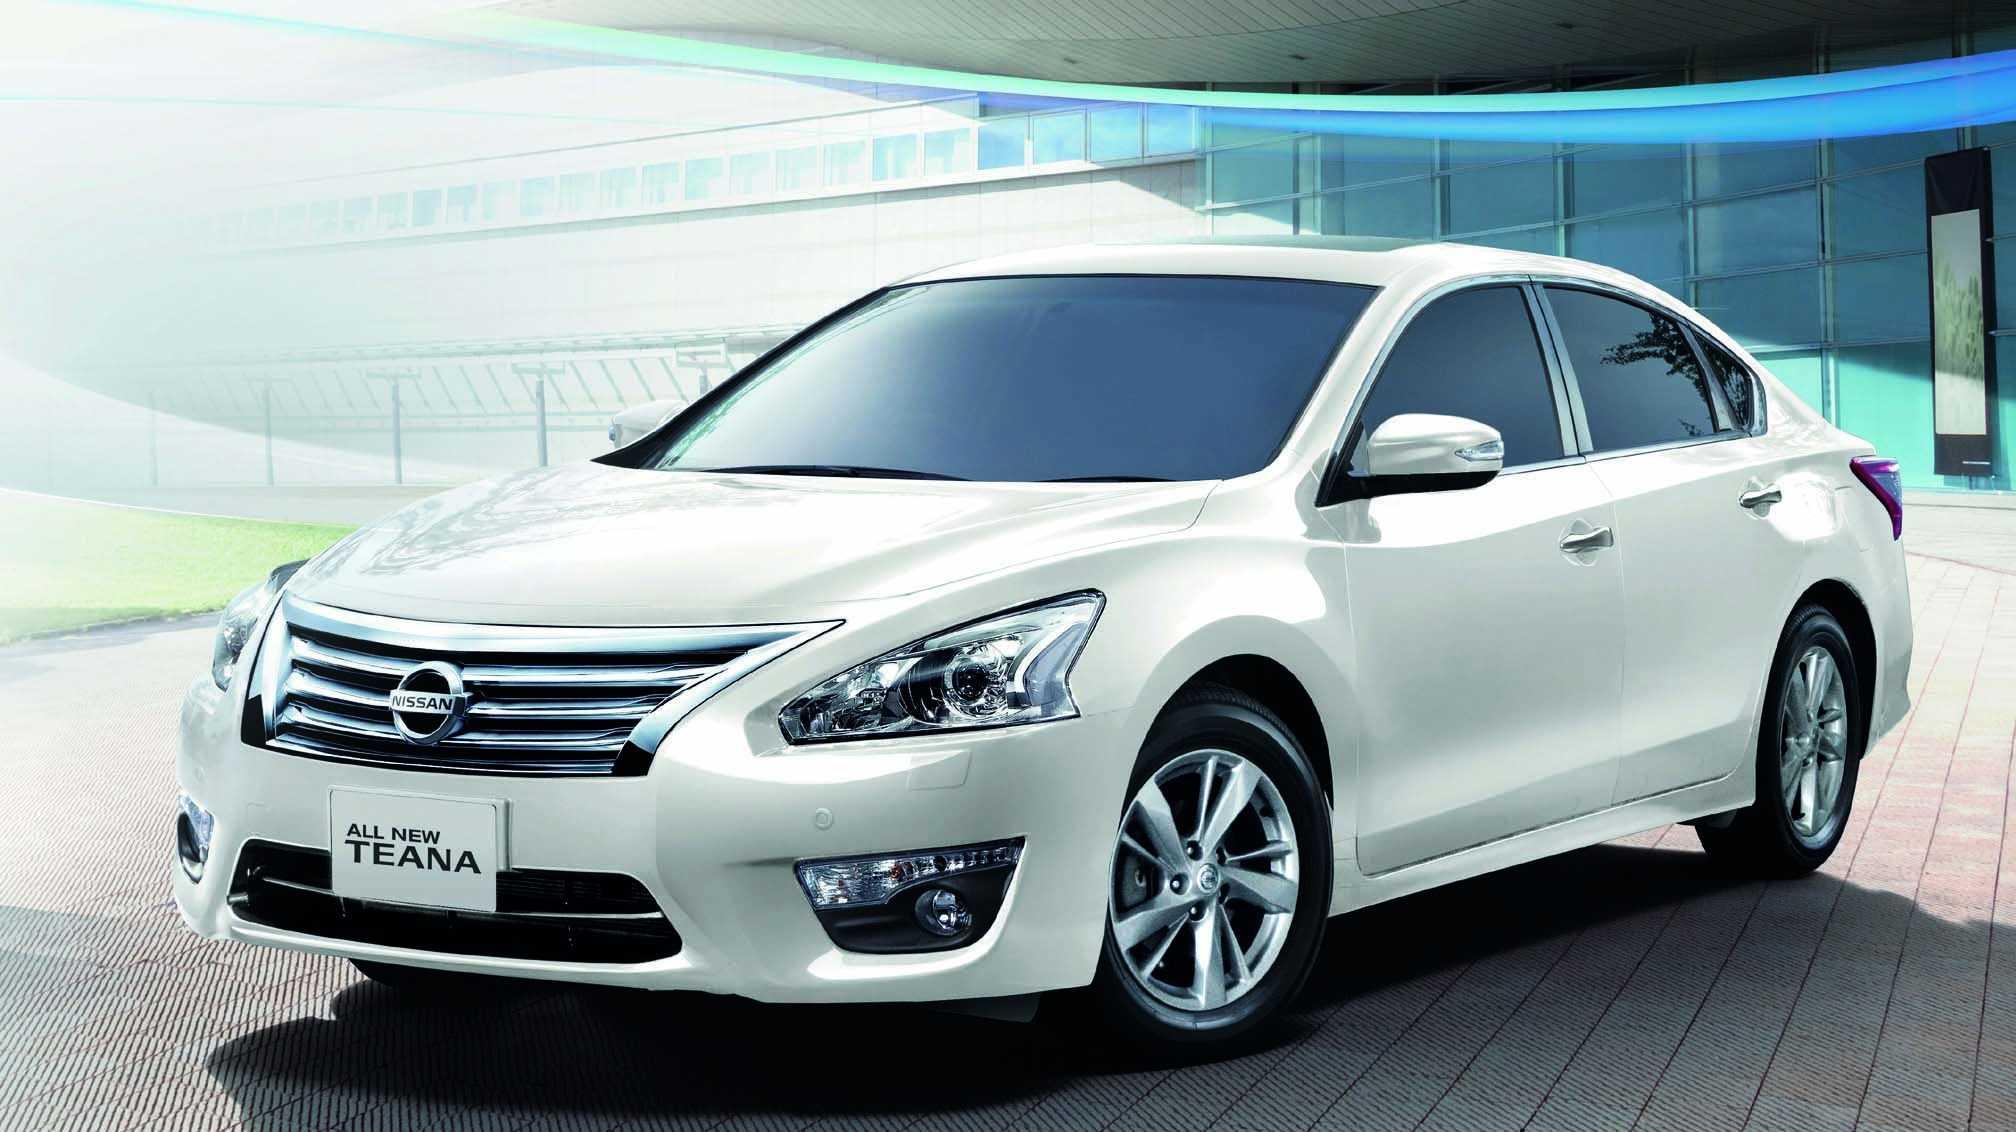 Купить Ниссан Теана по цене 2019-2020 в Москве у официального дилера в автосалоне на новый Nissan Teana, комплектации и характеристики